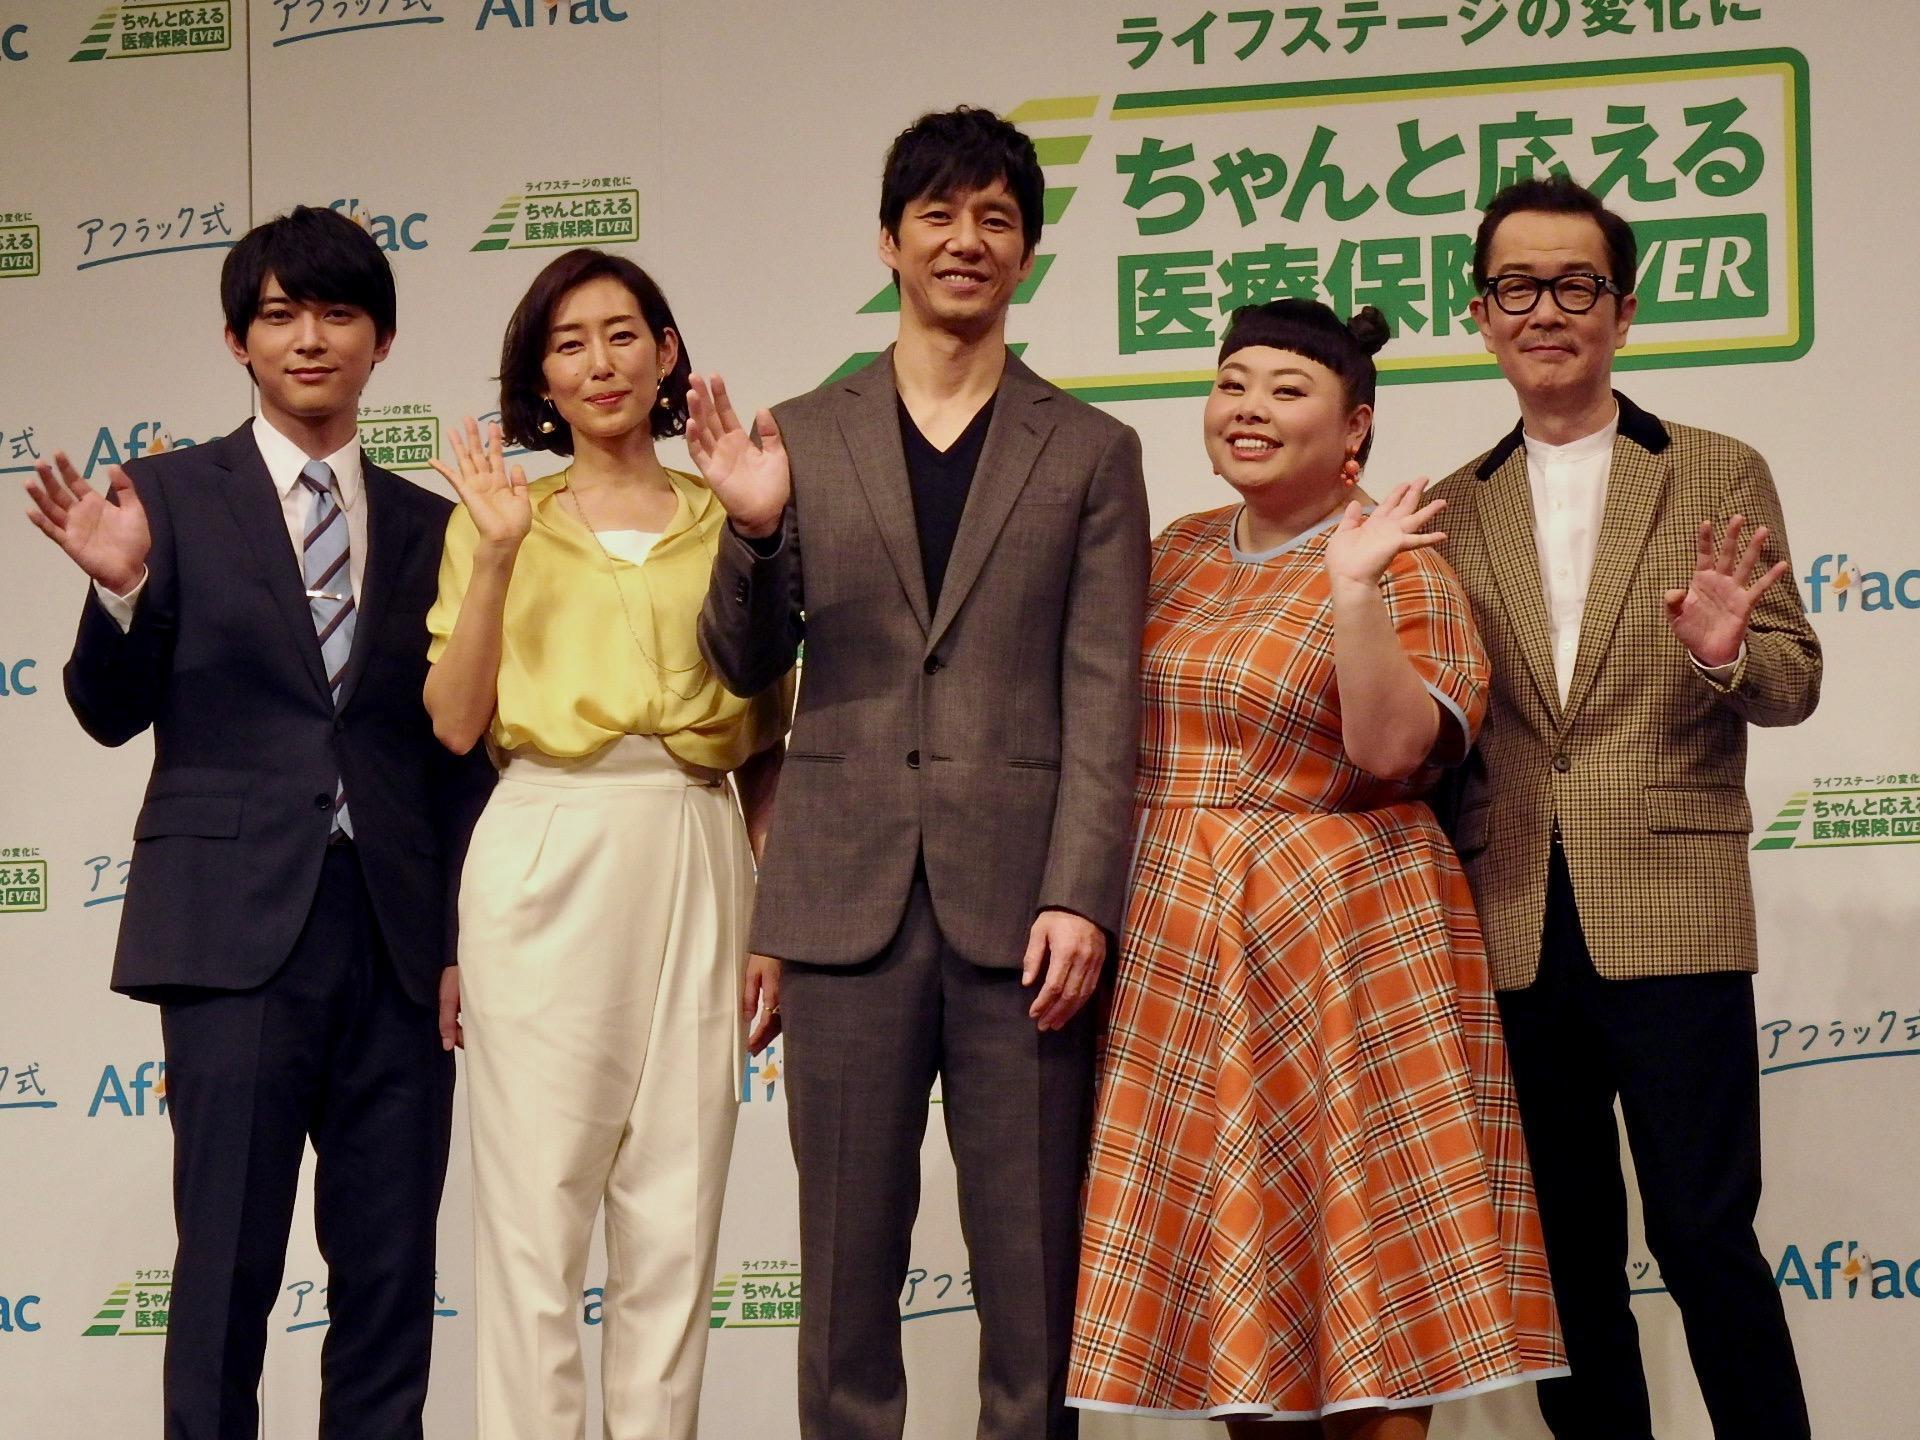 http://news.yoshimoto.co.jp/20190117183156-8c4e3dca988b810913bc47b2381f8d79ded28b73.jpeg